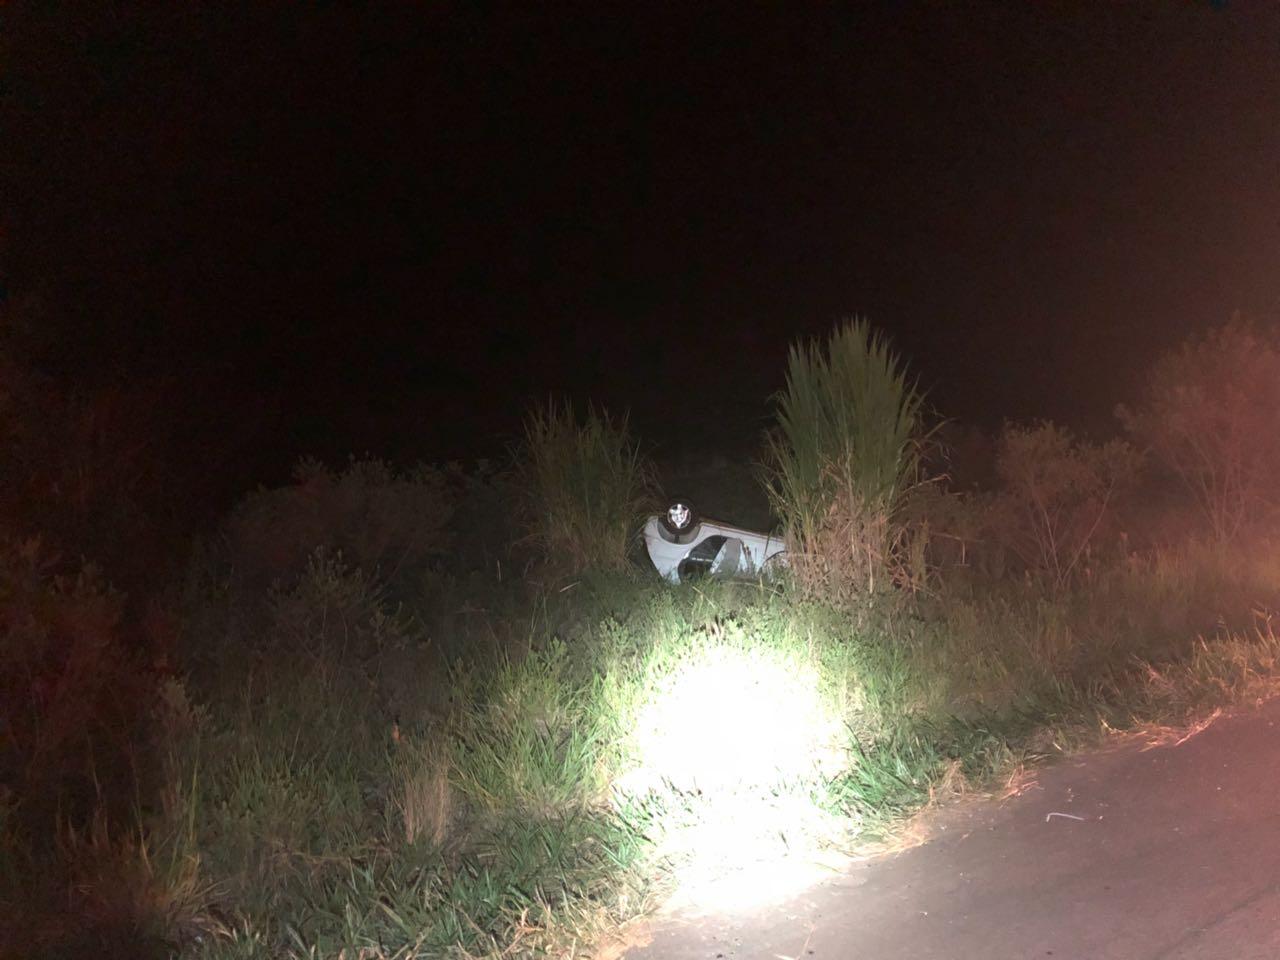 Condutora causa acidente e foge sem prestar socorro em São Miguel do Oeste